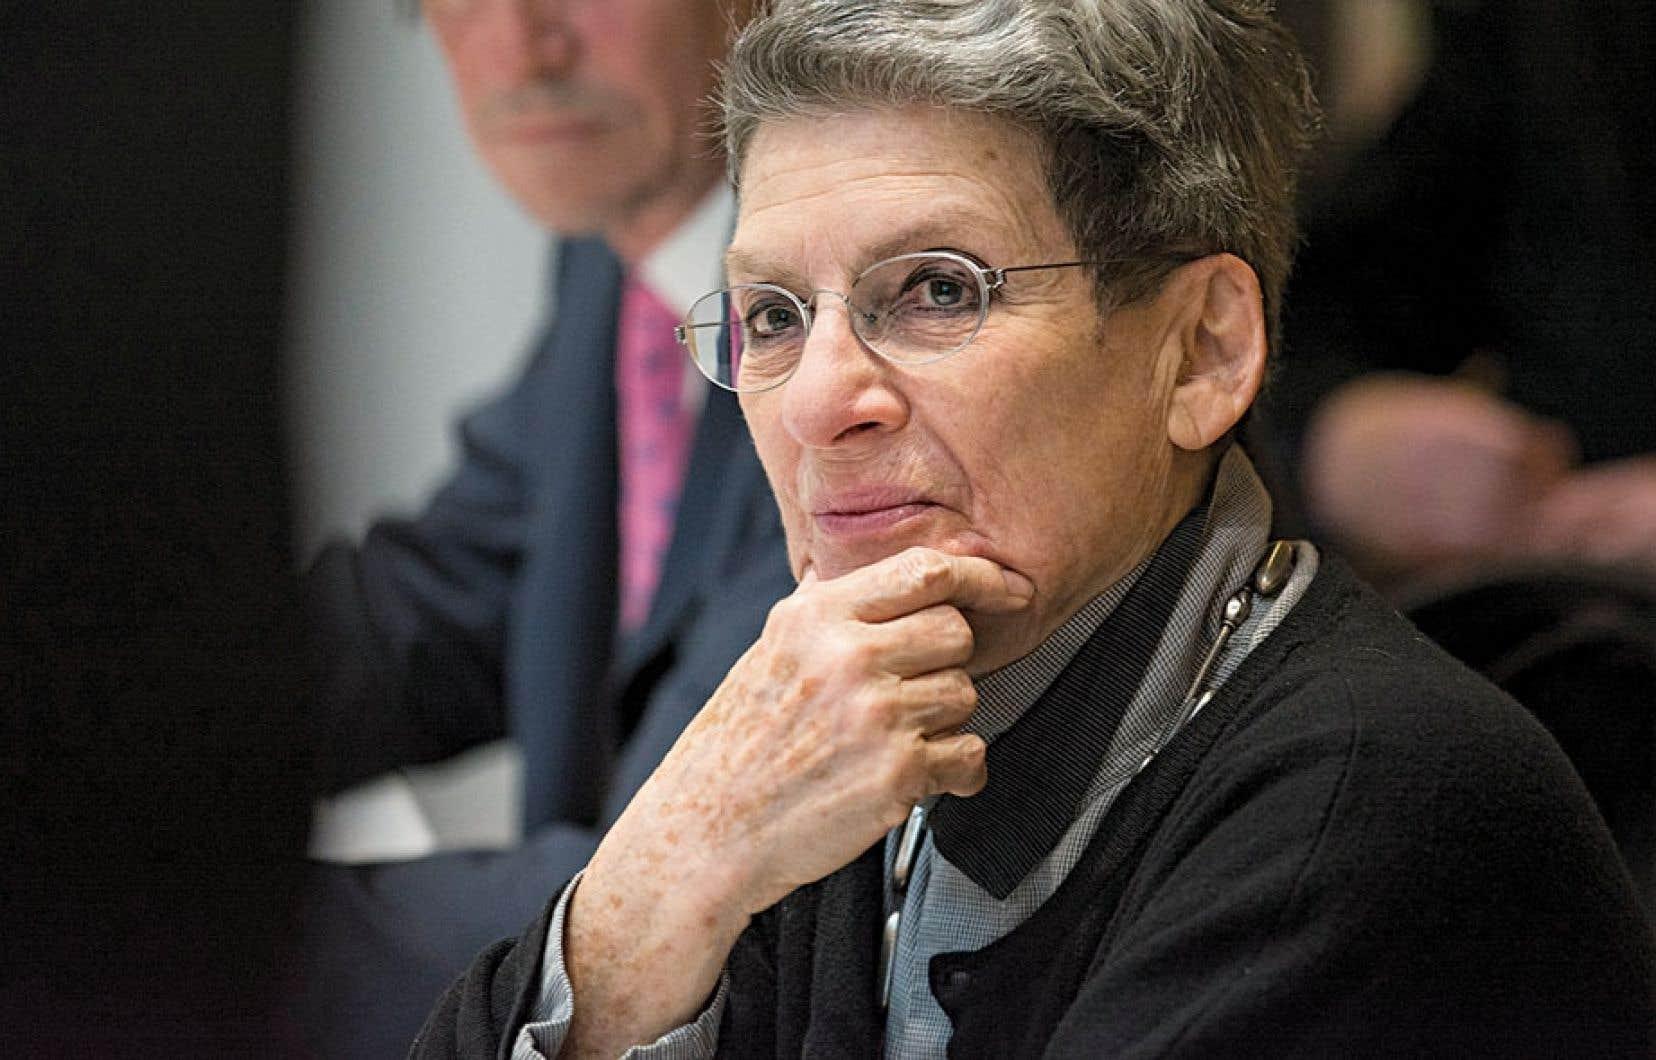 Fière et émue, Phyllis Lambert a dit qu'il s'agissait d'un grand moment pour elle.